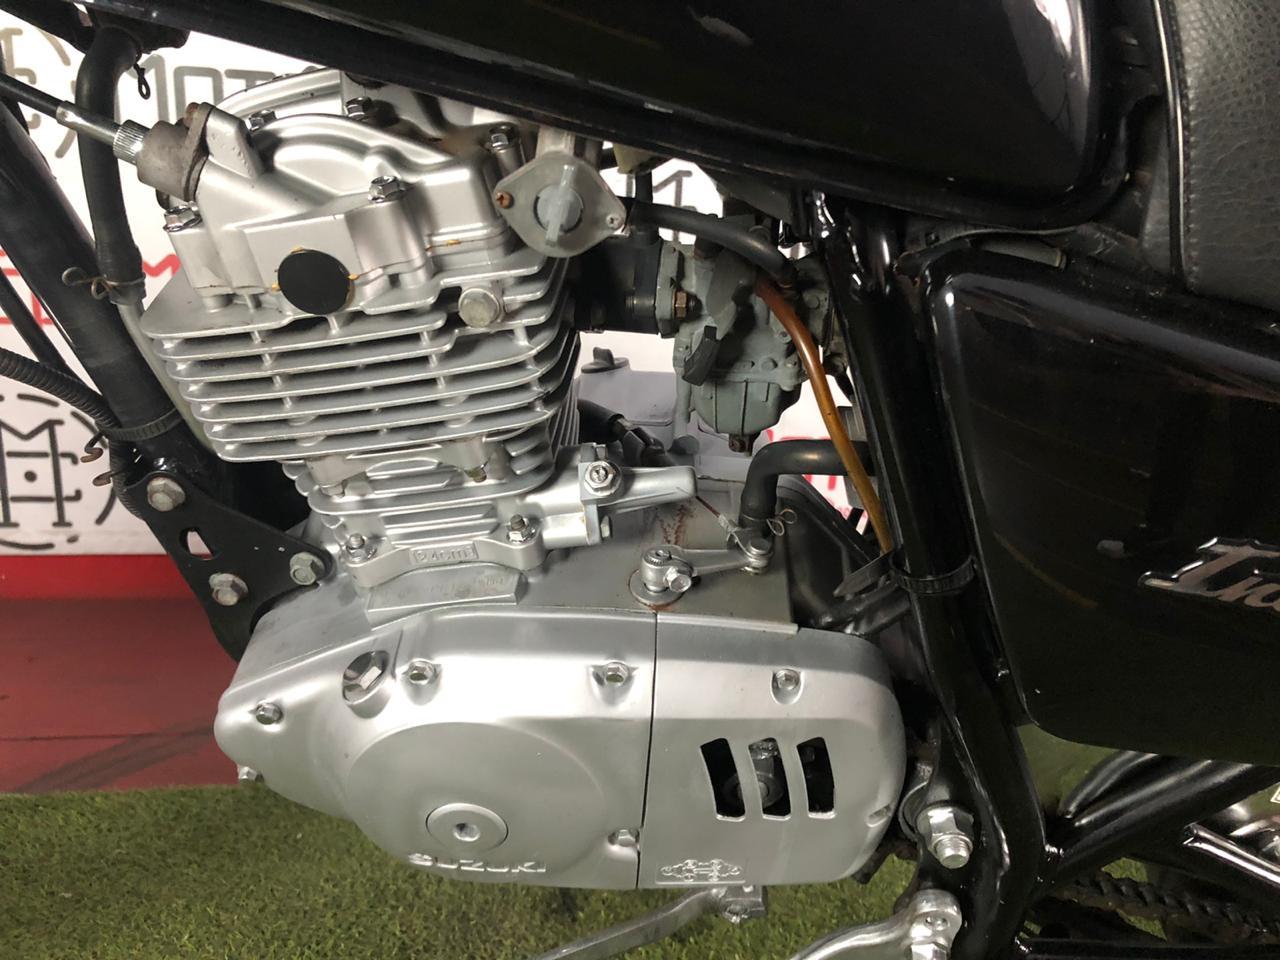 Suzuki - Intruder 125